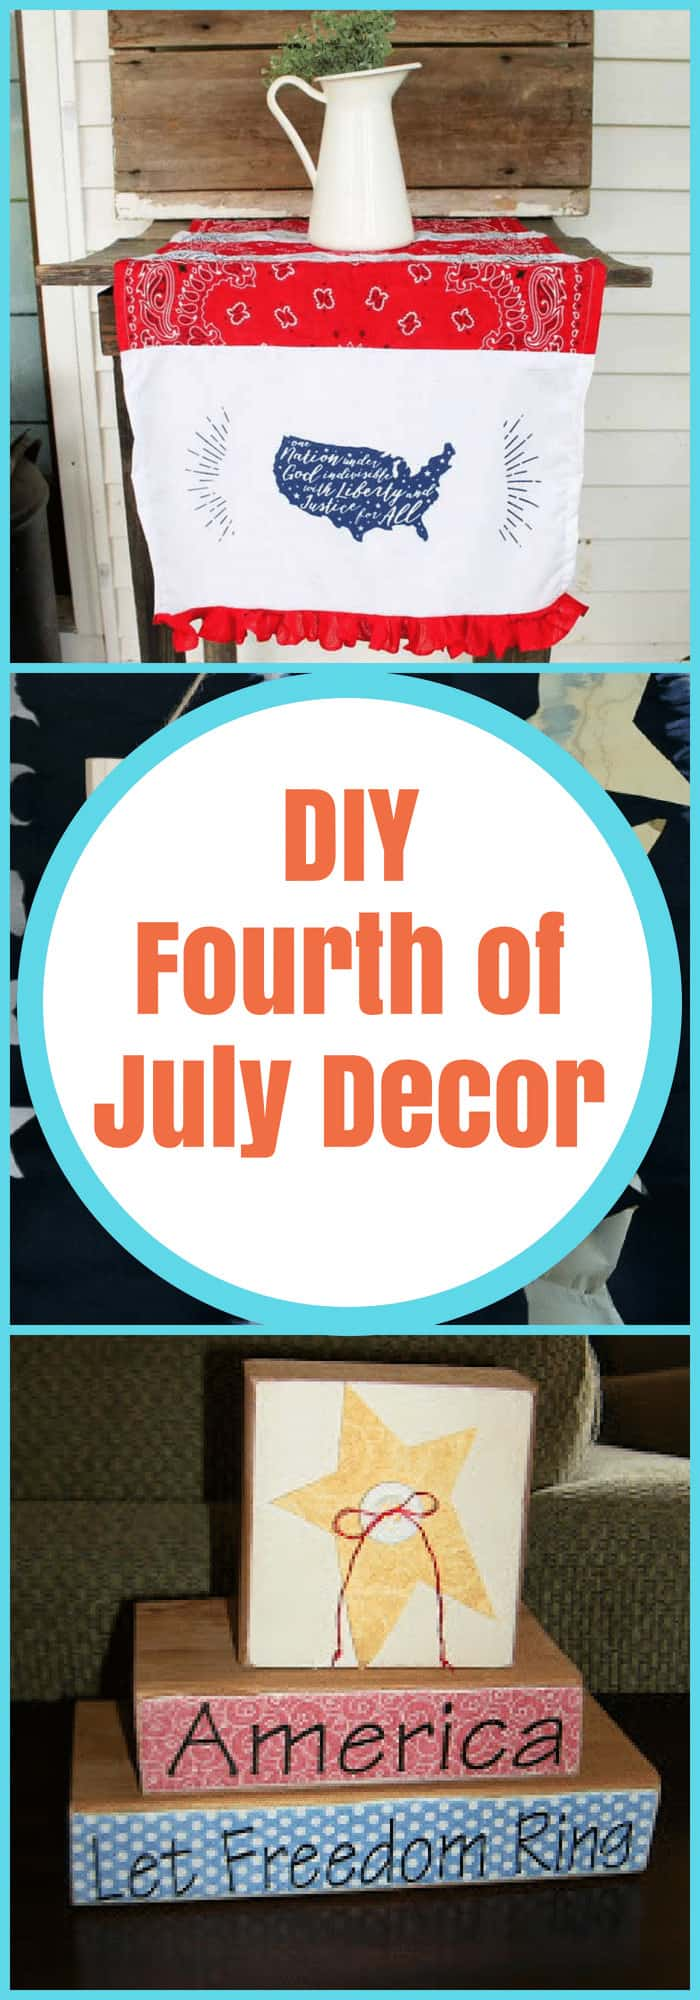 DIY--Fourth of July Decor--The Organized Mom